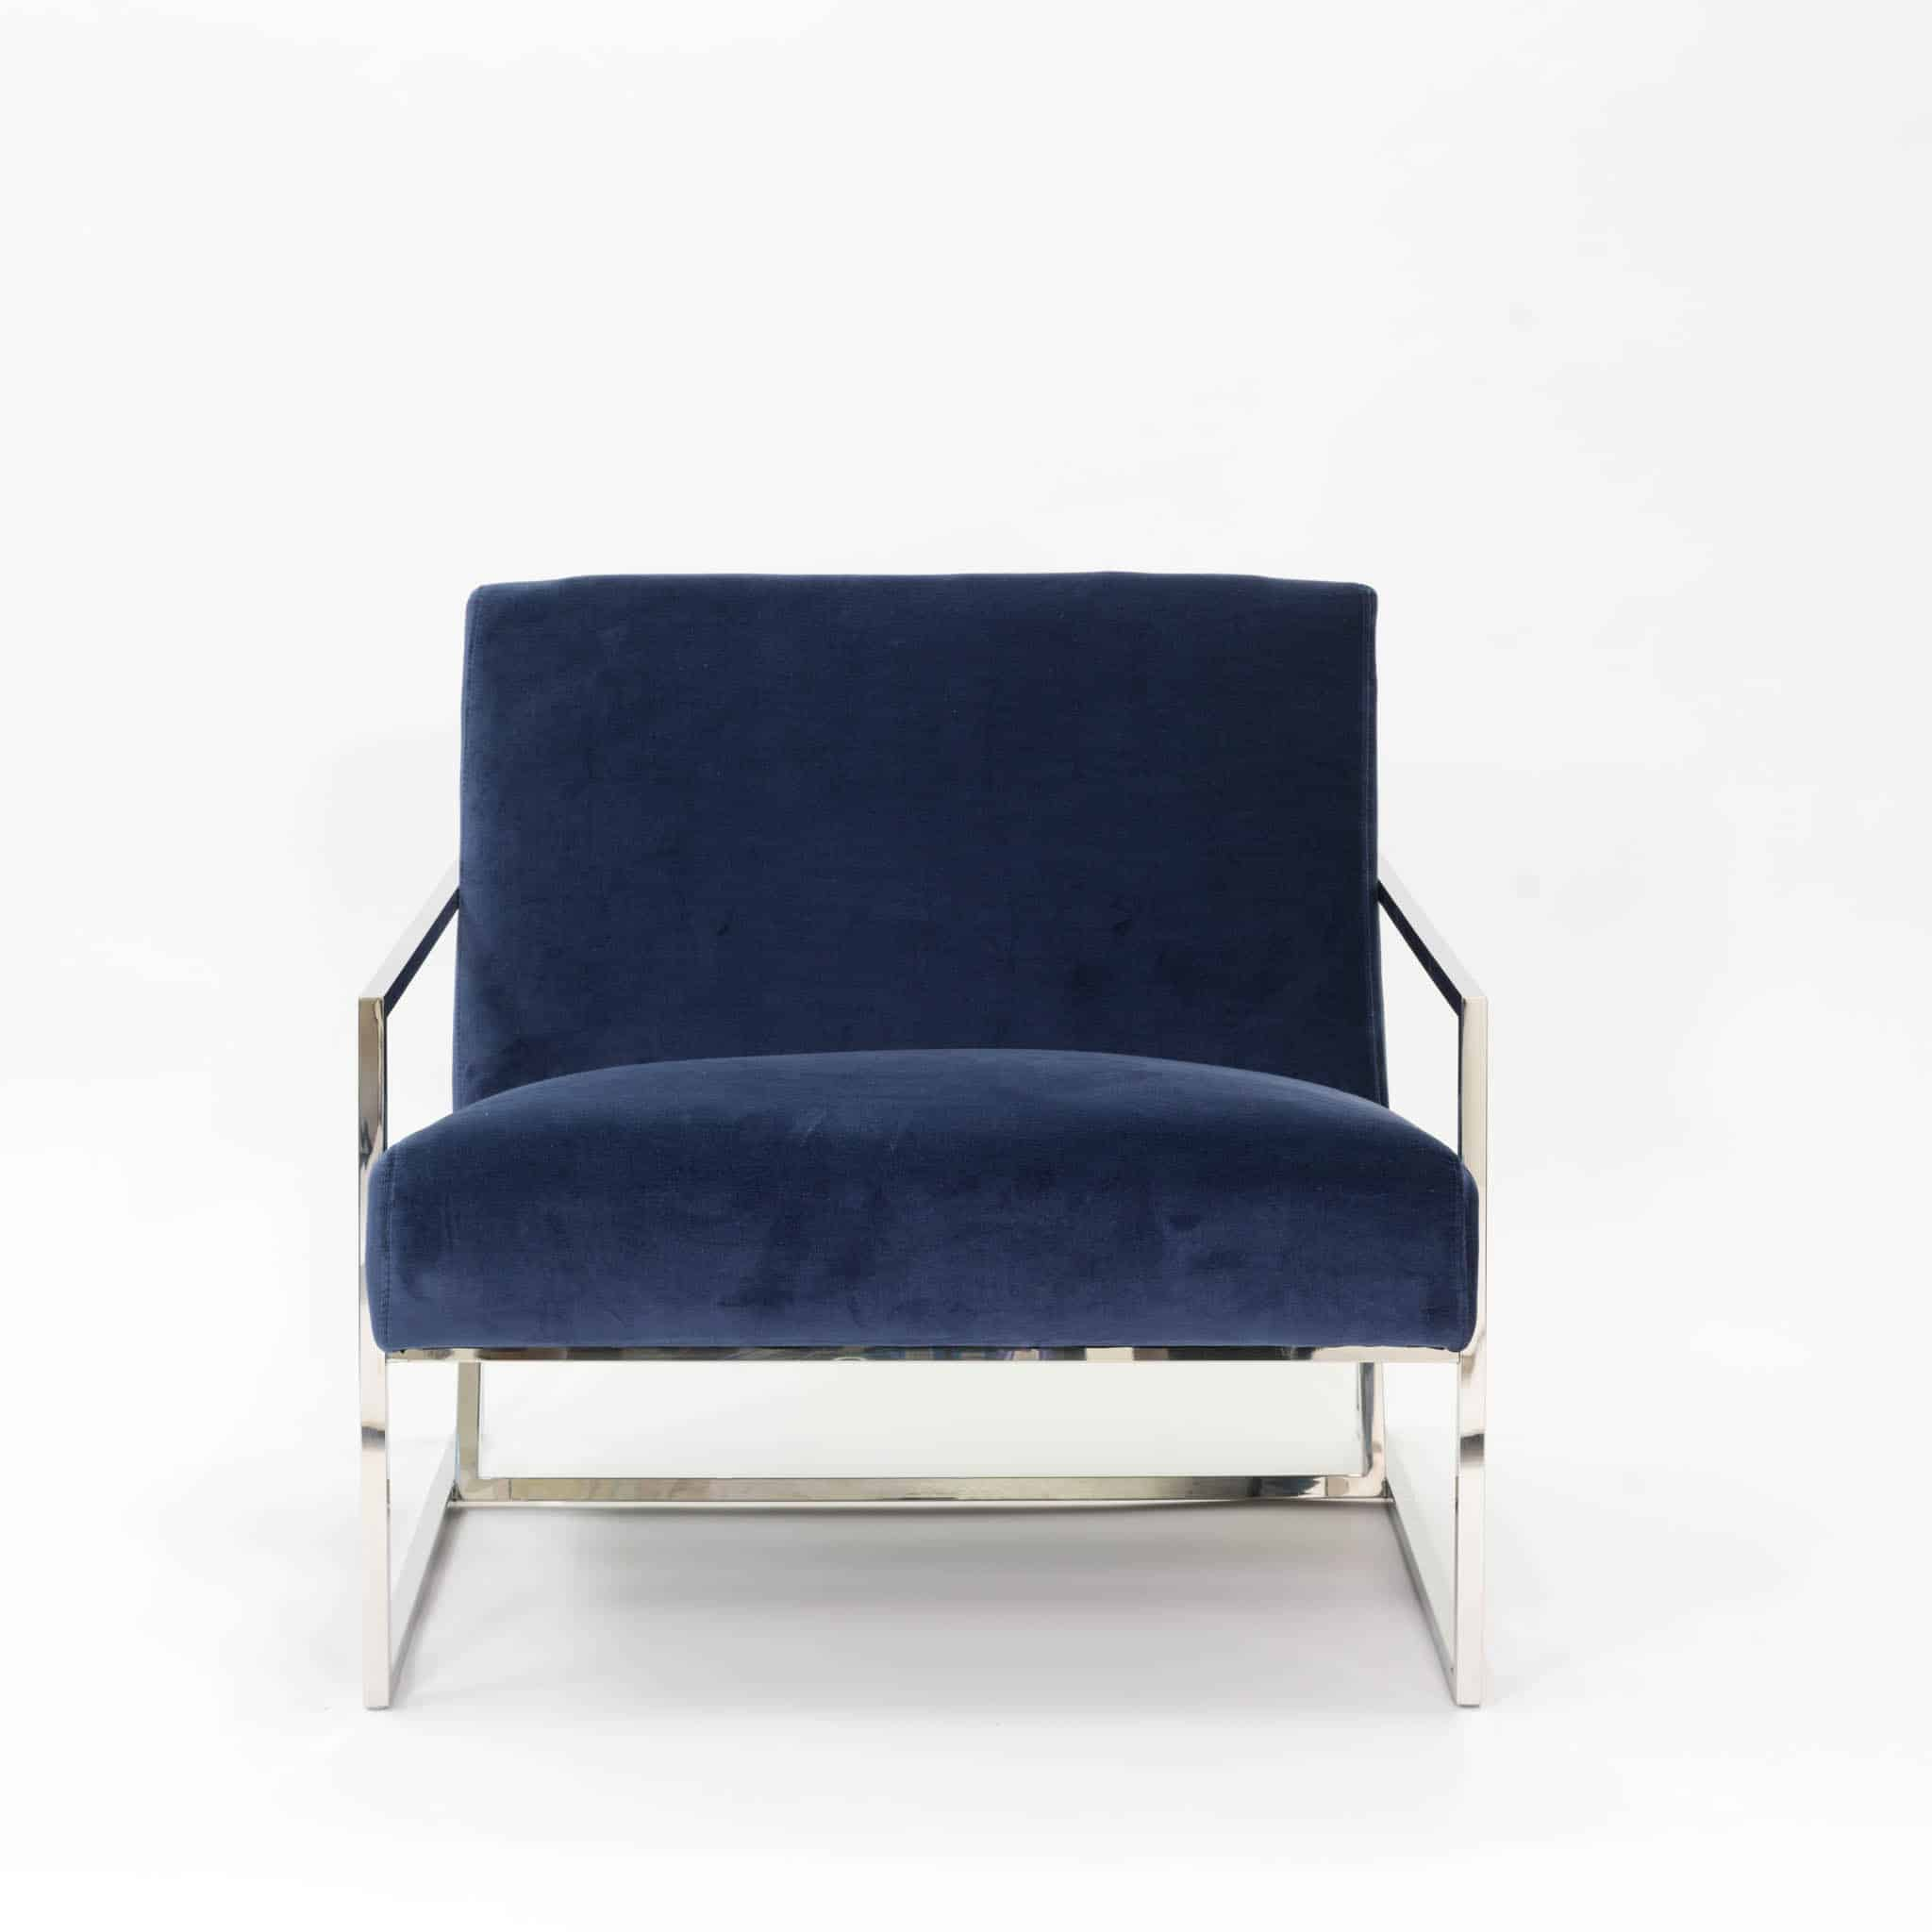 Navy velvet style viscose chair in chrome style frame